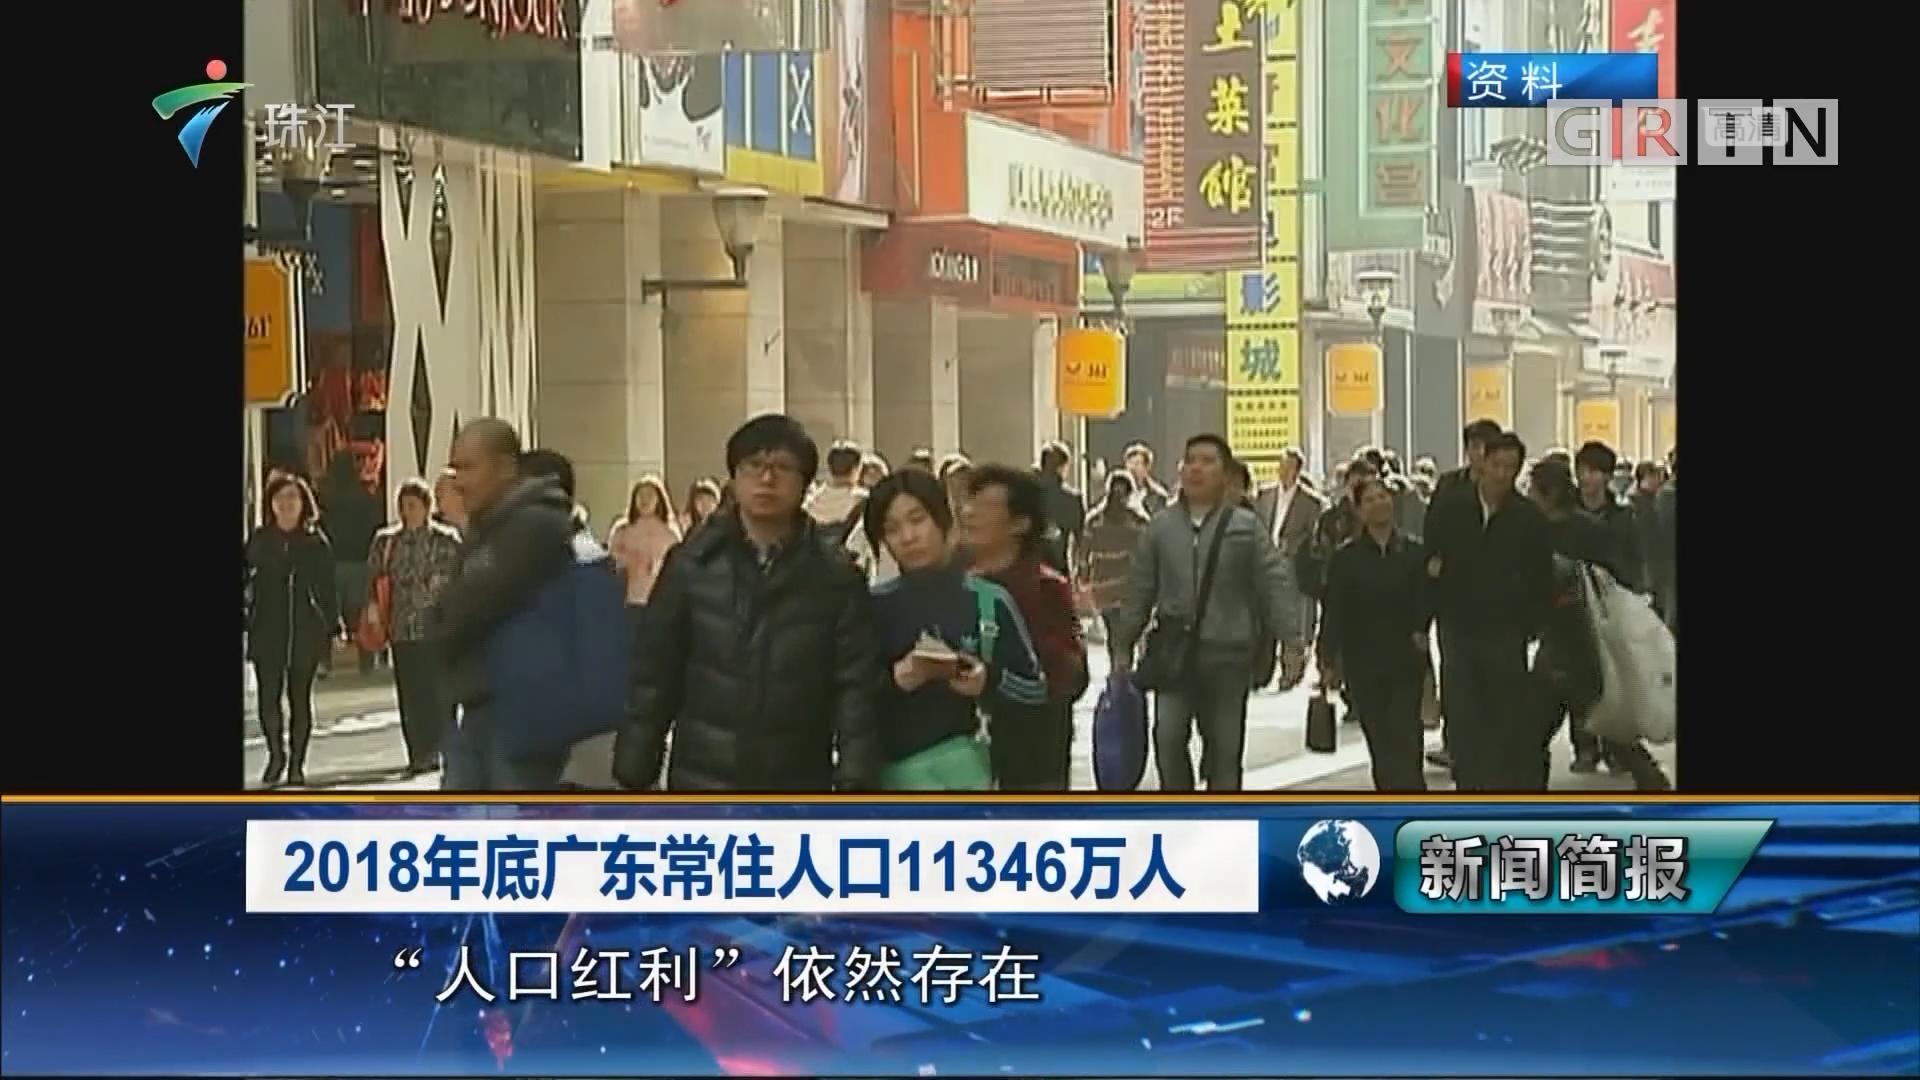 2018年底广东常住人口11346万人